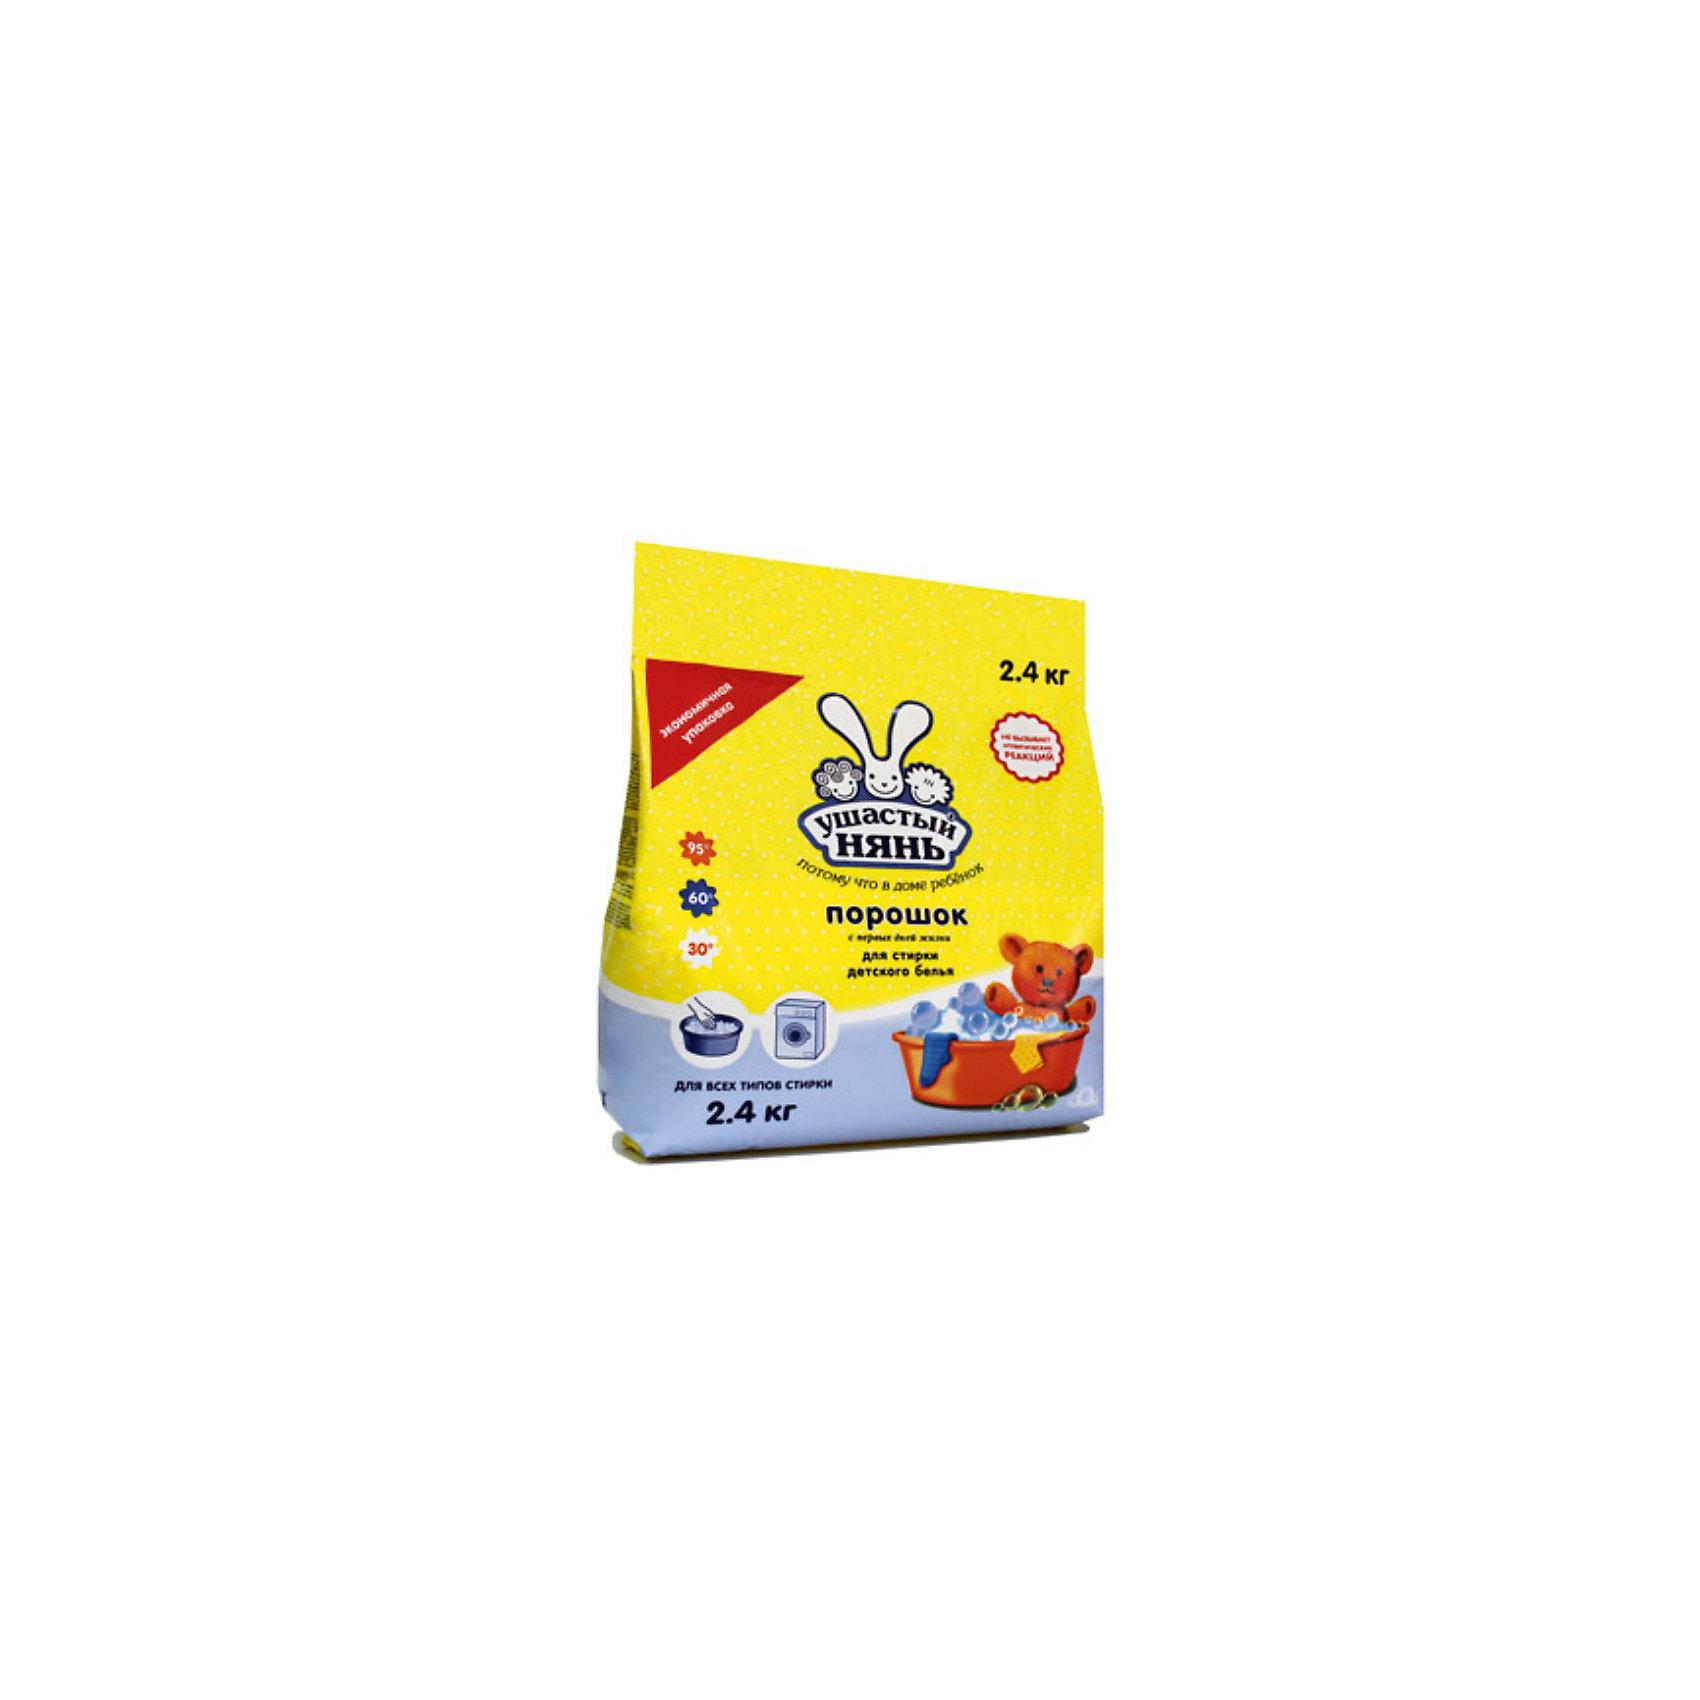 Стиральный порошок, Ушастый нянь, 2,4 кгБытовая химия<br>Стиральный порошок, Ушастый нянь предназначен для стирки изделий для детей, в том числе новорожденных, из хлопчатобумажных, льняных, синтетических тканей, а также тканей из смешанных волокон (кроме изделий из натурального шелка и шерсти), вручную, в автоматических стиральных машинах и в машинах активаторного типа. Порошок отлично отстирывает детские пеленки, удаляет пятна от сока, молока, каши и детского пюре. Родители детей дошкольного возраста будут приятно удивлены, ведь порошок отлично удаляет с одежды не только следы пищи, но и грязи после уличных прогулок. Содержит добавки для смягчения воды и антикоррозийной защиты.<br><br>Дополнительная информация:<br><br>- Мягкие активные добавки, которые входят в состав, безвредны для ткани и не разрушают структуру волокон; <br>- Компоненты порошка позволяют сохранить яркость цветов белья; <br>- Не содержит мыла, поэтому легко вымывается при полоскании; <br>- После стирки нежная отдушка порошка не оставит на белье запаха; <br>- Низкий уровень риска раздражения дыхательных путей, так как порошок не пылит (доля пыли не более 0,7 % при допустимой норме 5%);<br>- Подходит как для ручной, так и для автоматической стирки;<br>- Не вызывает аллергических реакций;<br>- Вес: 2,4 кг<br><br>Стиральный порошок, Ушастый нянь, 2,4 кг можно купить в нашем интернет-магазине.<br><br>Ширина мм: 150<br>Глубина мм: 300<br>Высота мм: 300<br>Вес г: 2400<br>Возраст от месяцев: 0<br>Возраст до месяцев: 48<br>Пол: Унисекс<br>Возраст: Детский<br>SKU: 3663444